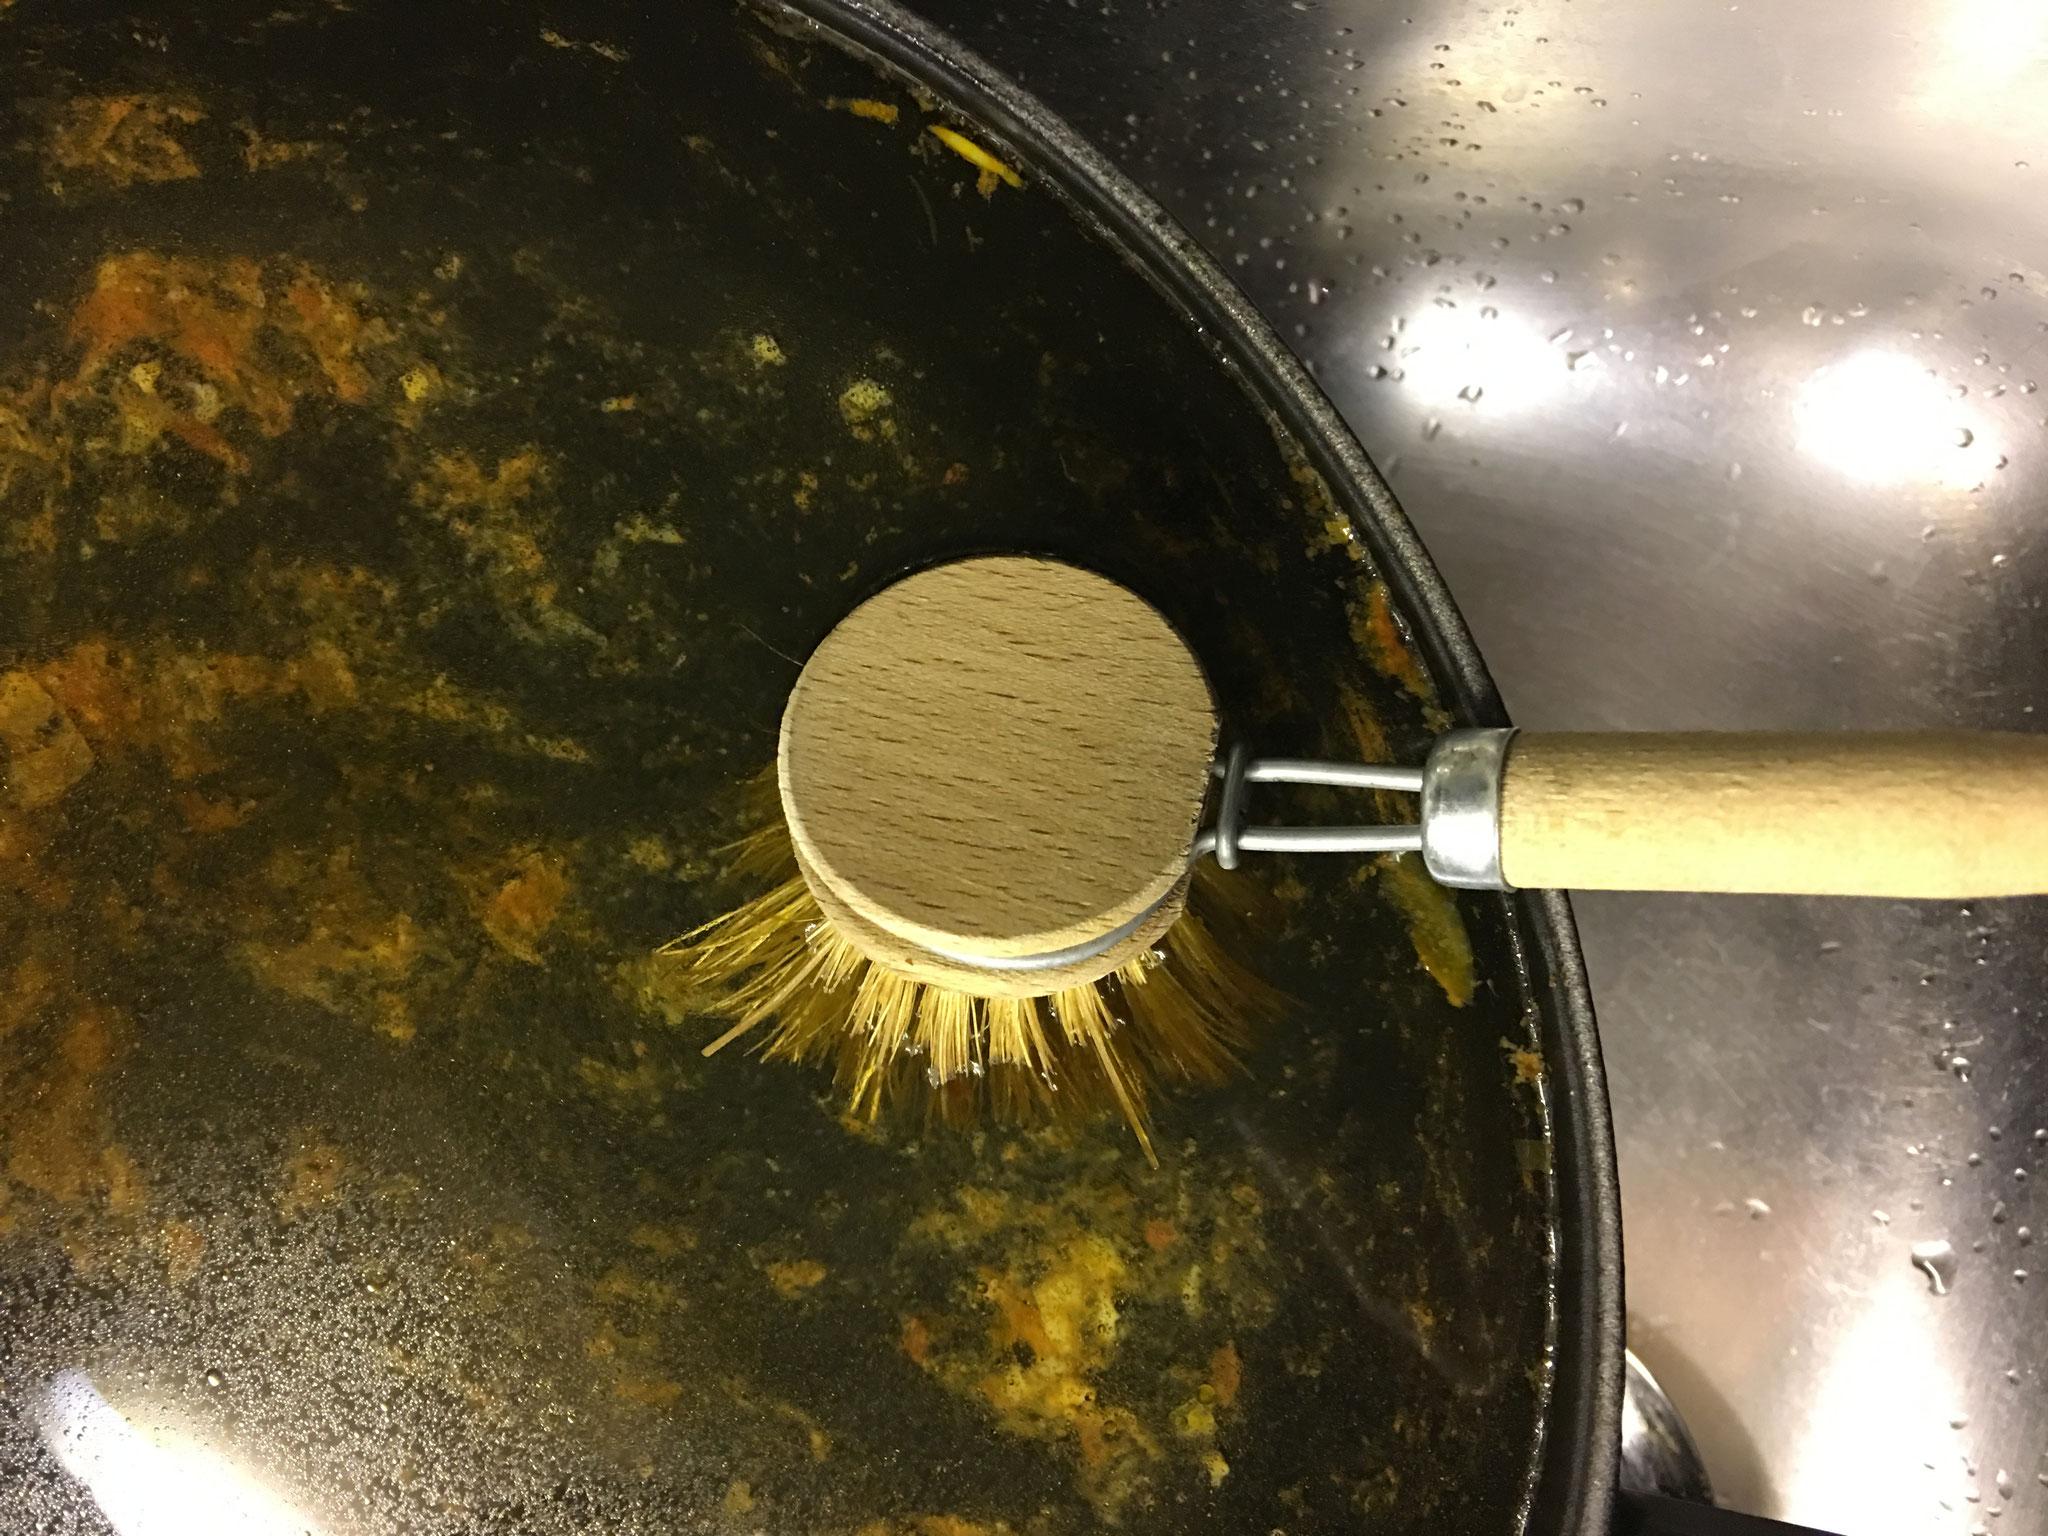 Anschließend mit einer Spülbürste die Speisereste entfernen